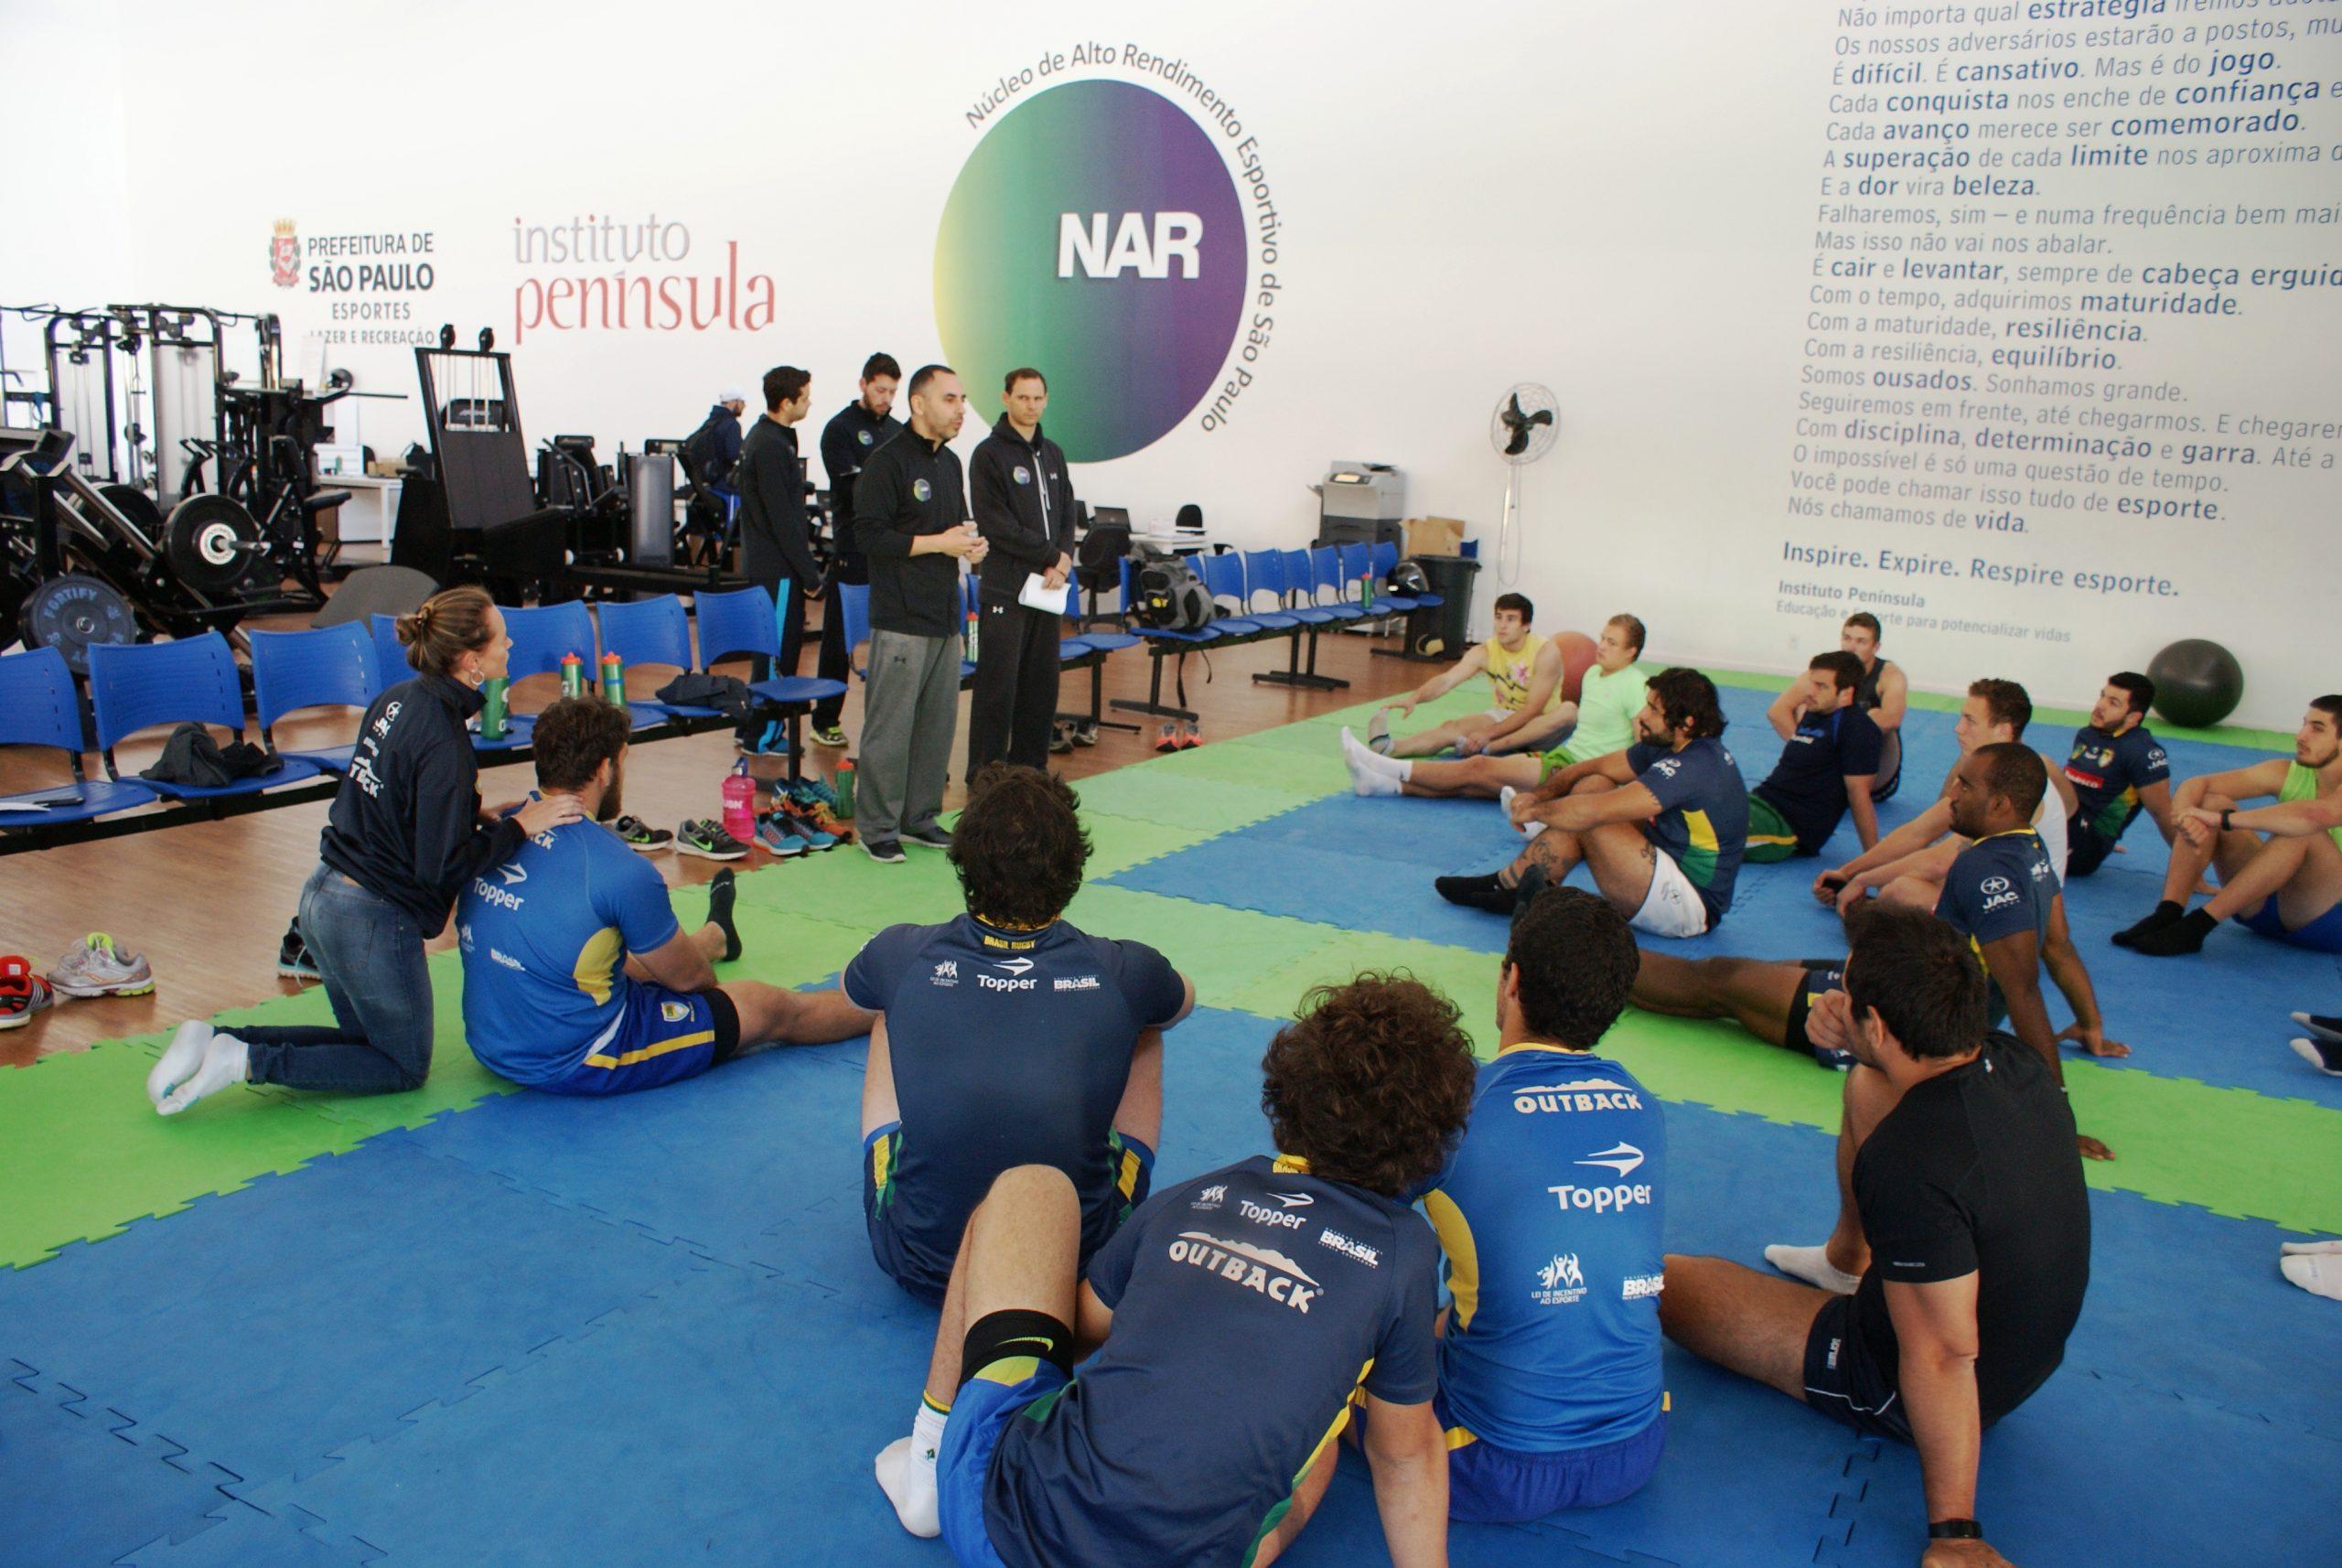 Confederação Brasileira de Rugby e NAR se unem para estudo inédito